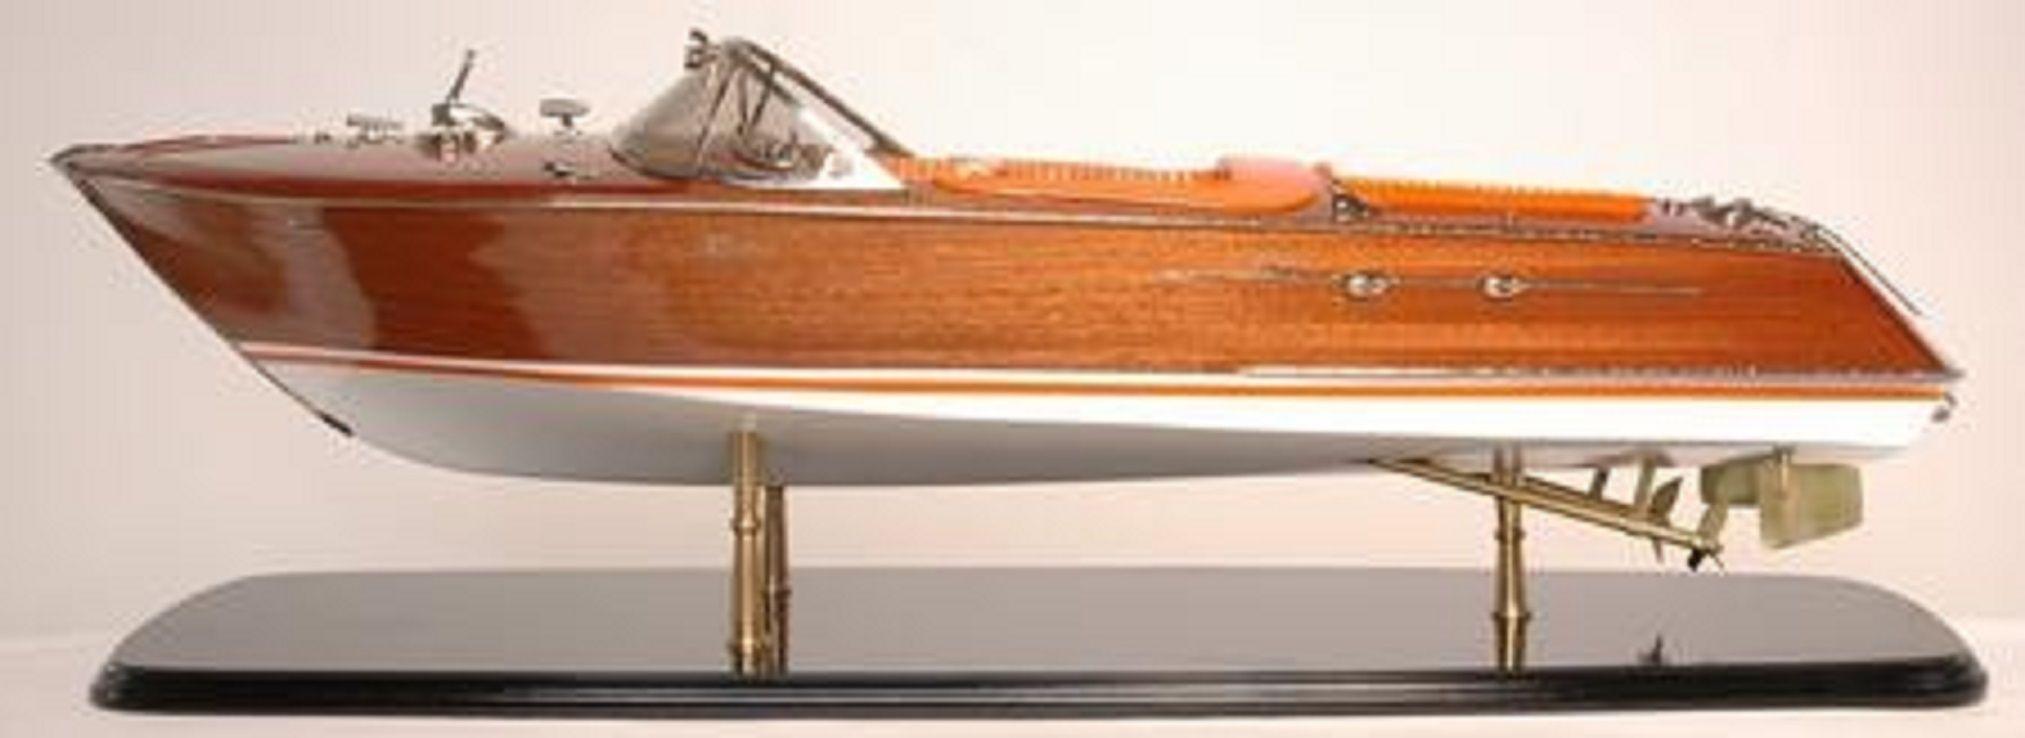 328-7576-Riva-Aquarama-Special-Model-Boat-Premier-Range